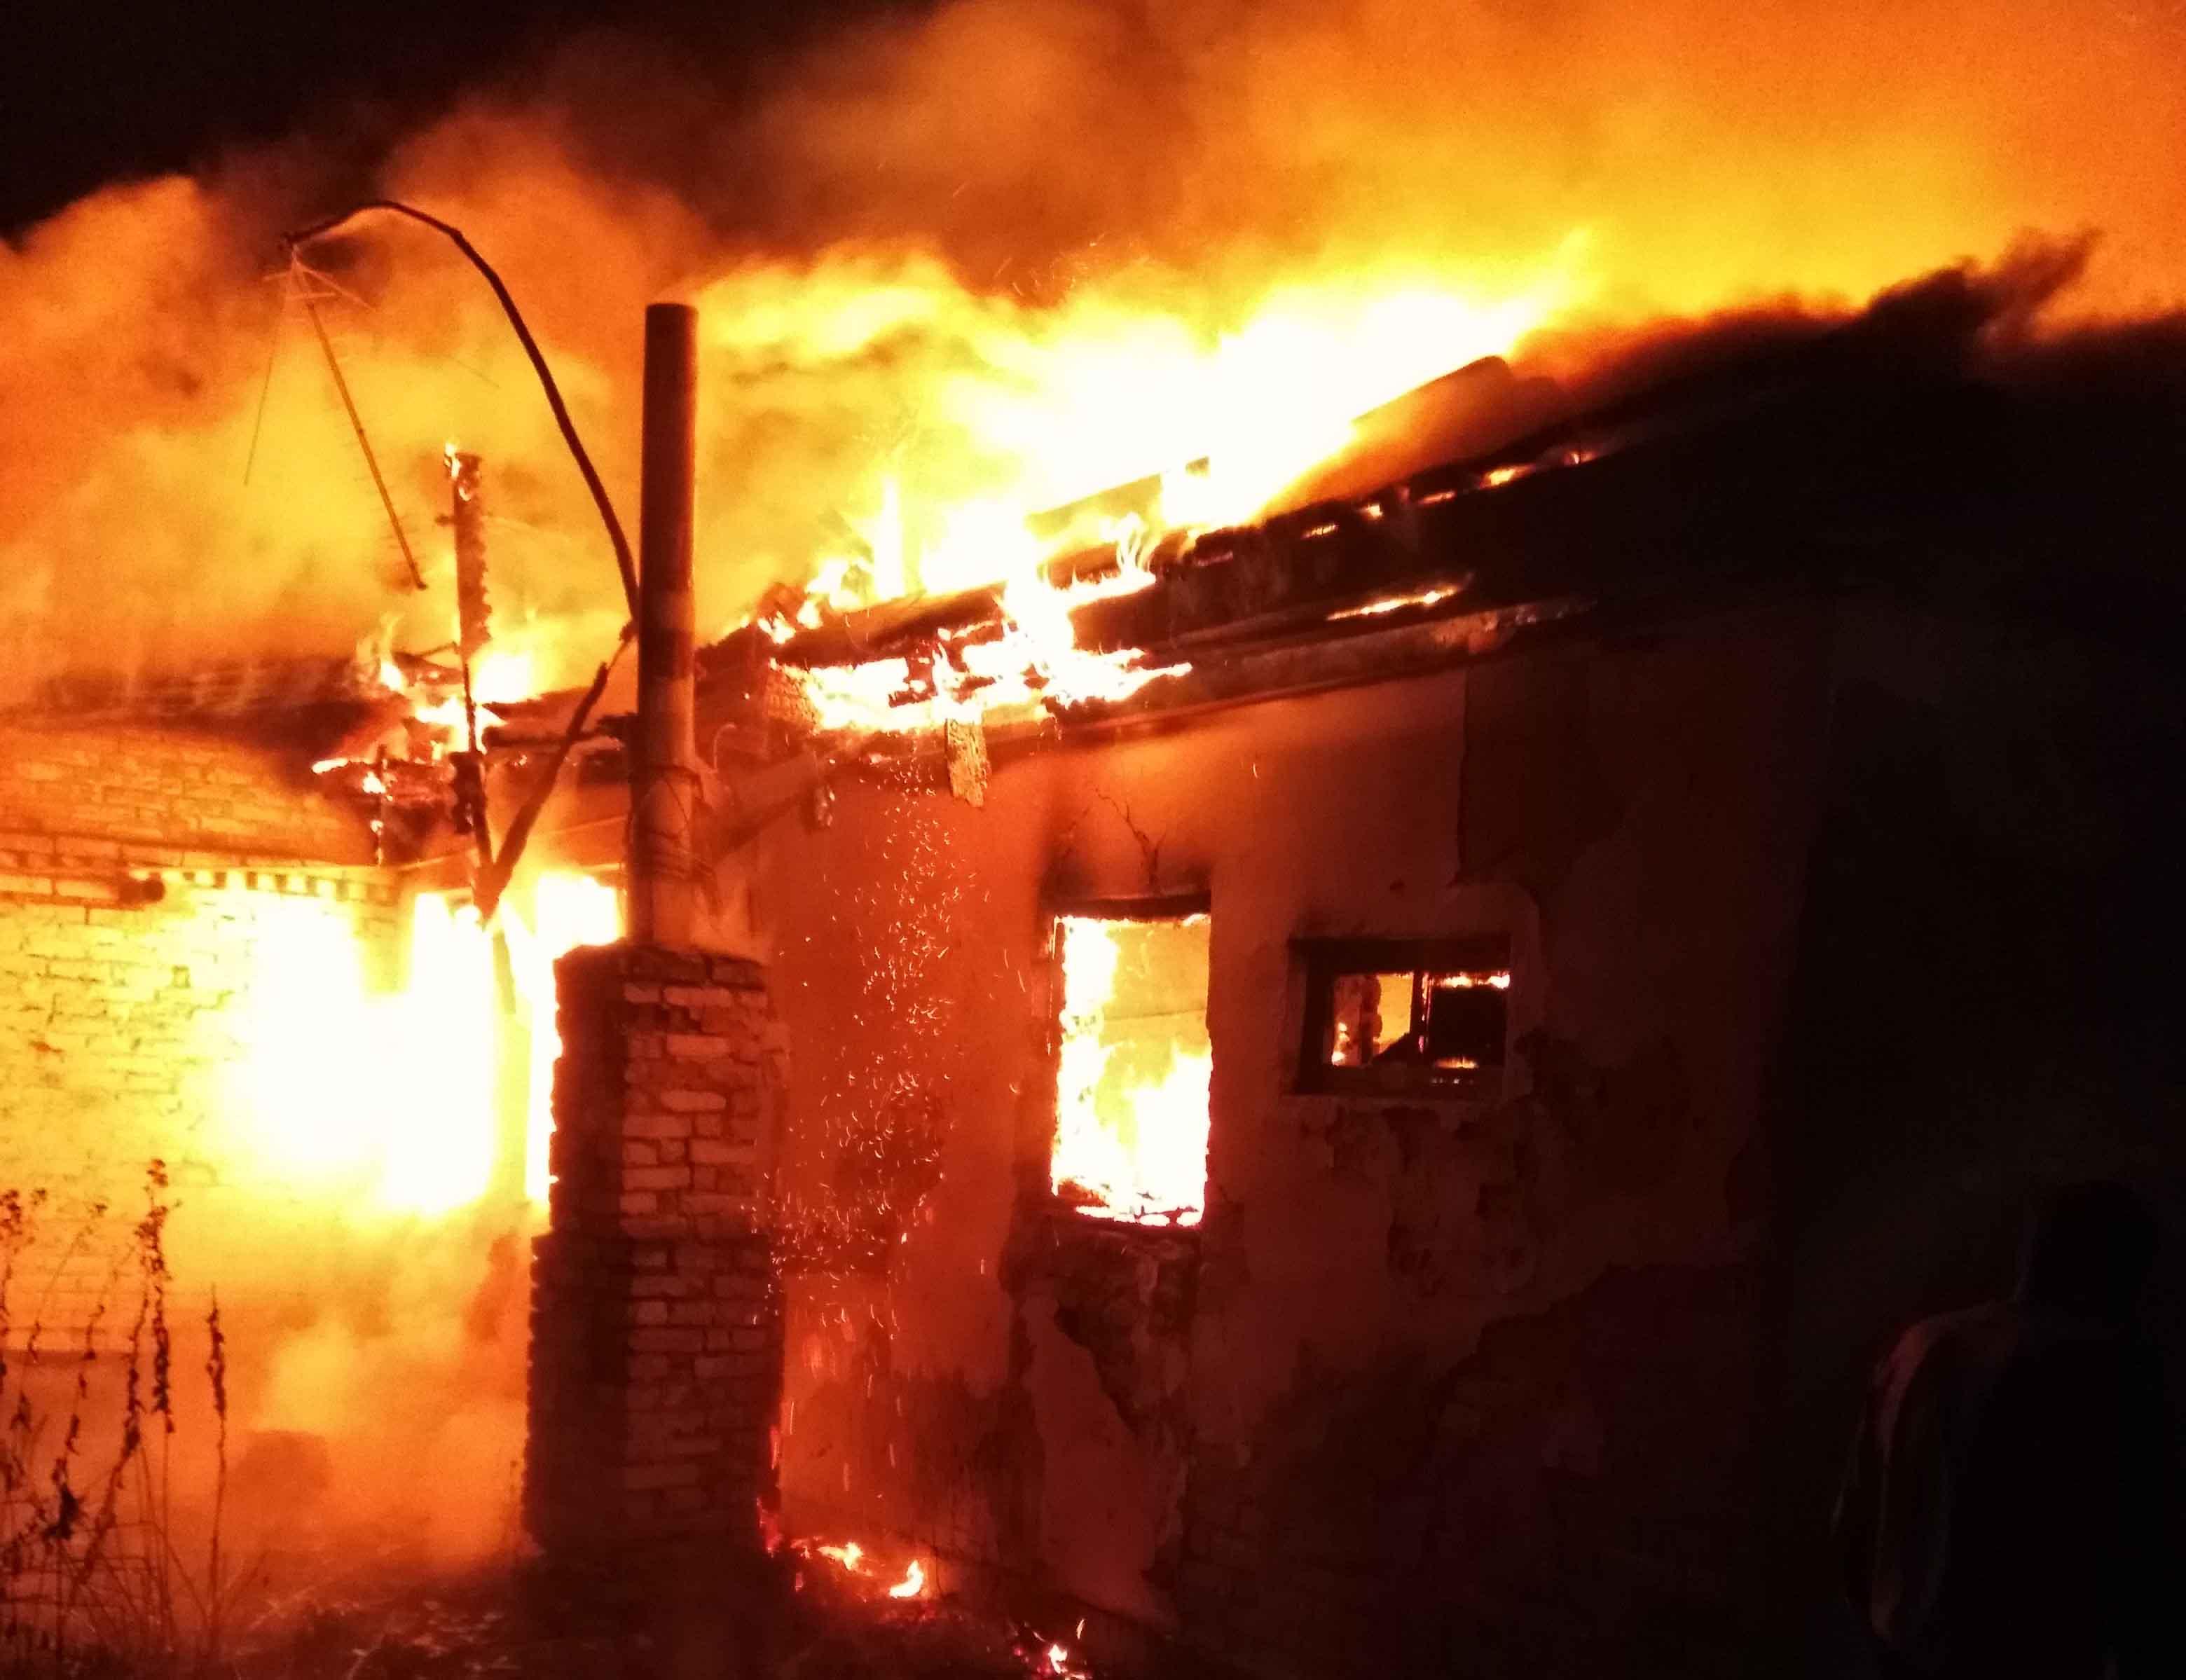 От девочки, погибшей под Киевом, остался только пепел - подробности трагедии